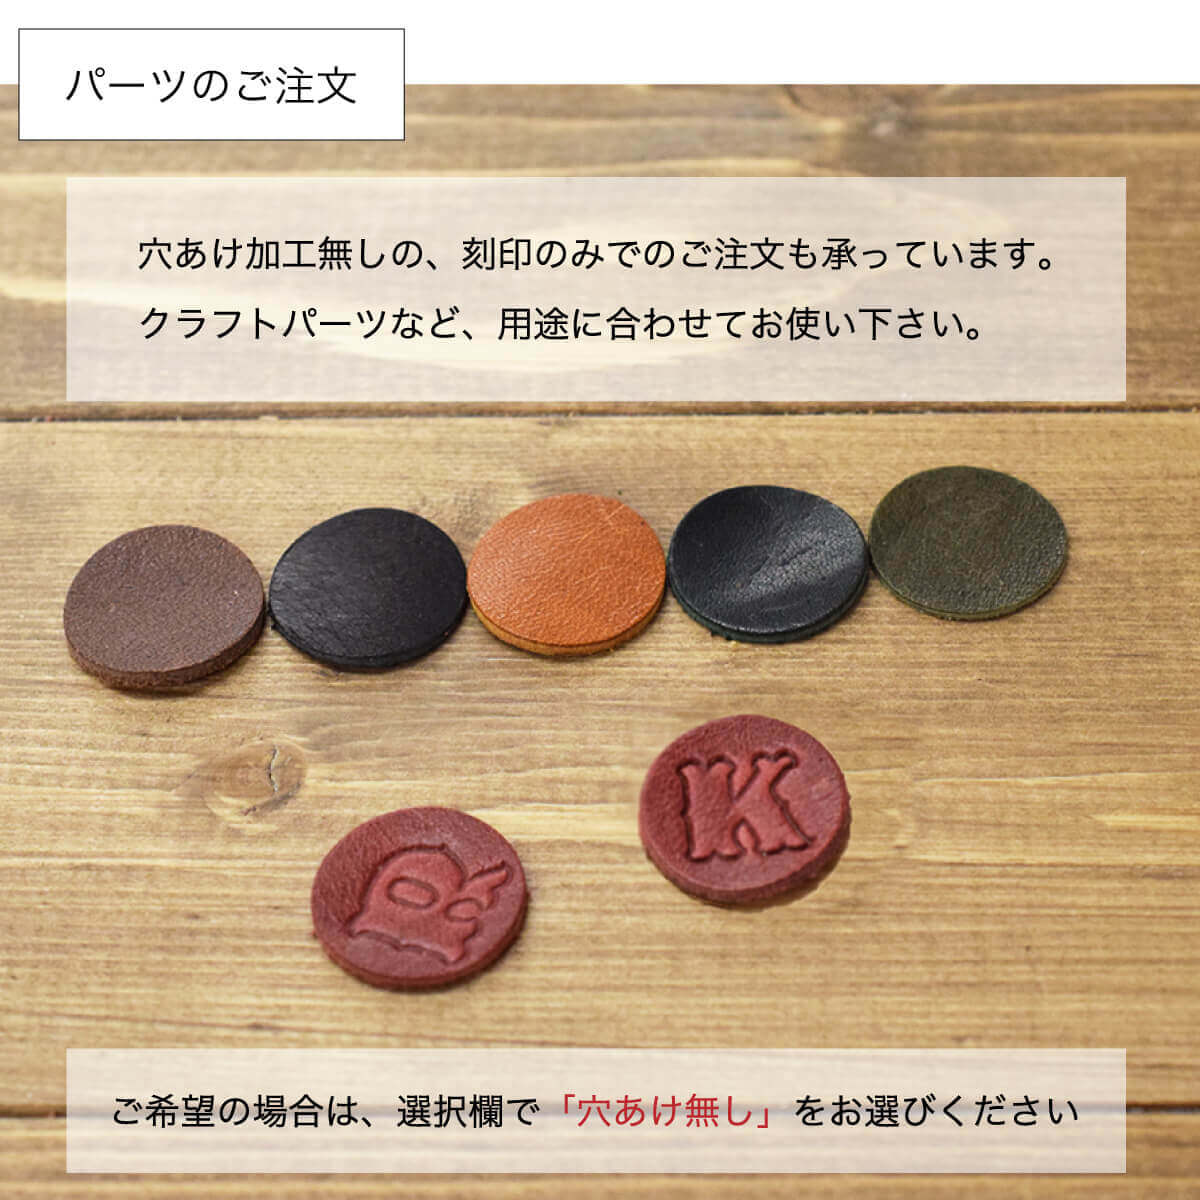 イニシャル 刻印 チャーム ローマ字 キーホルダー 20mm